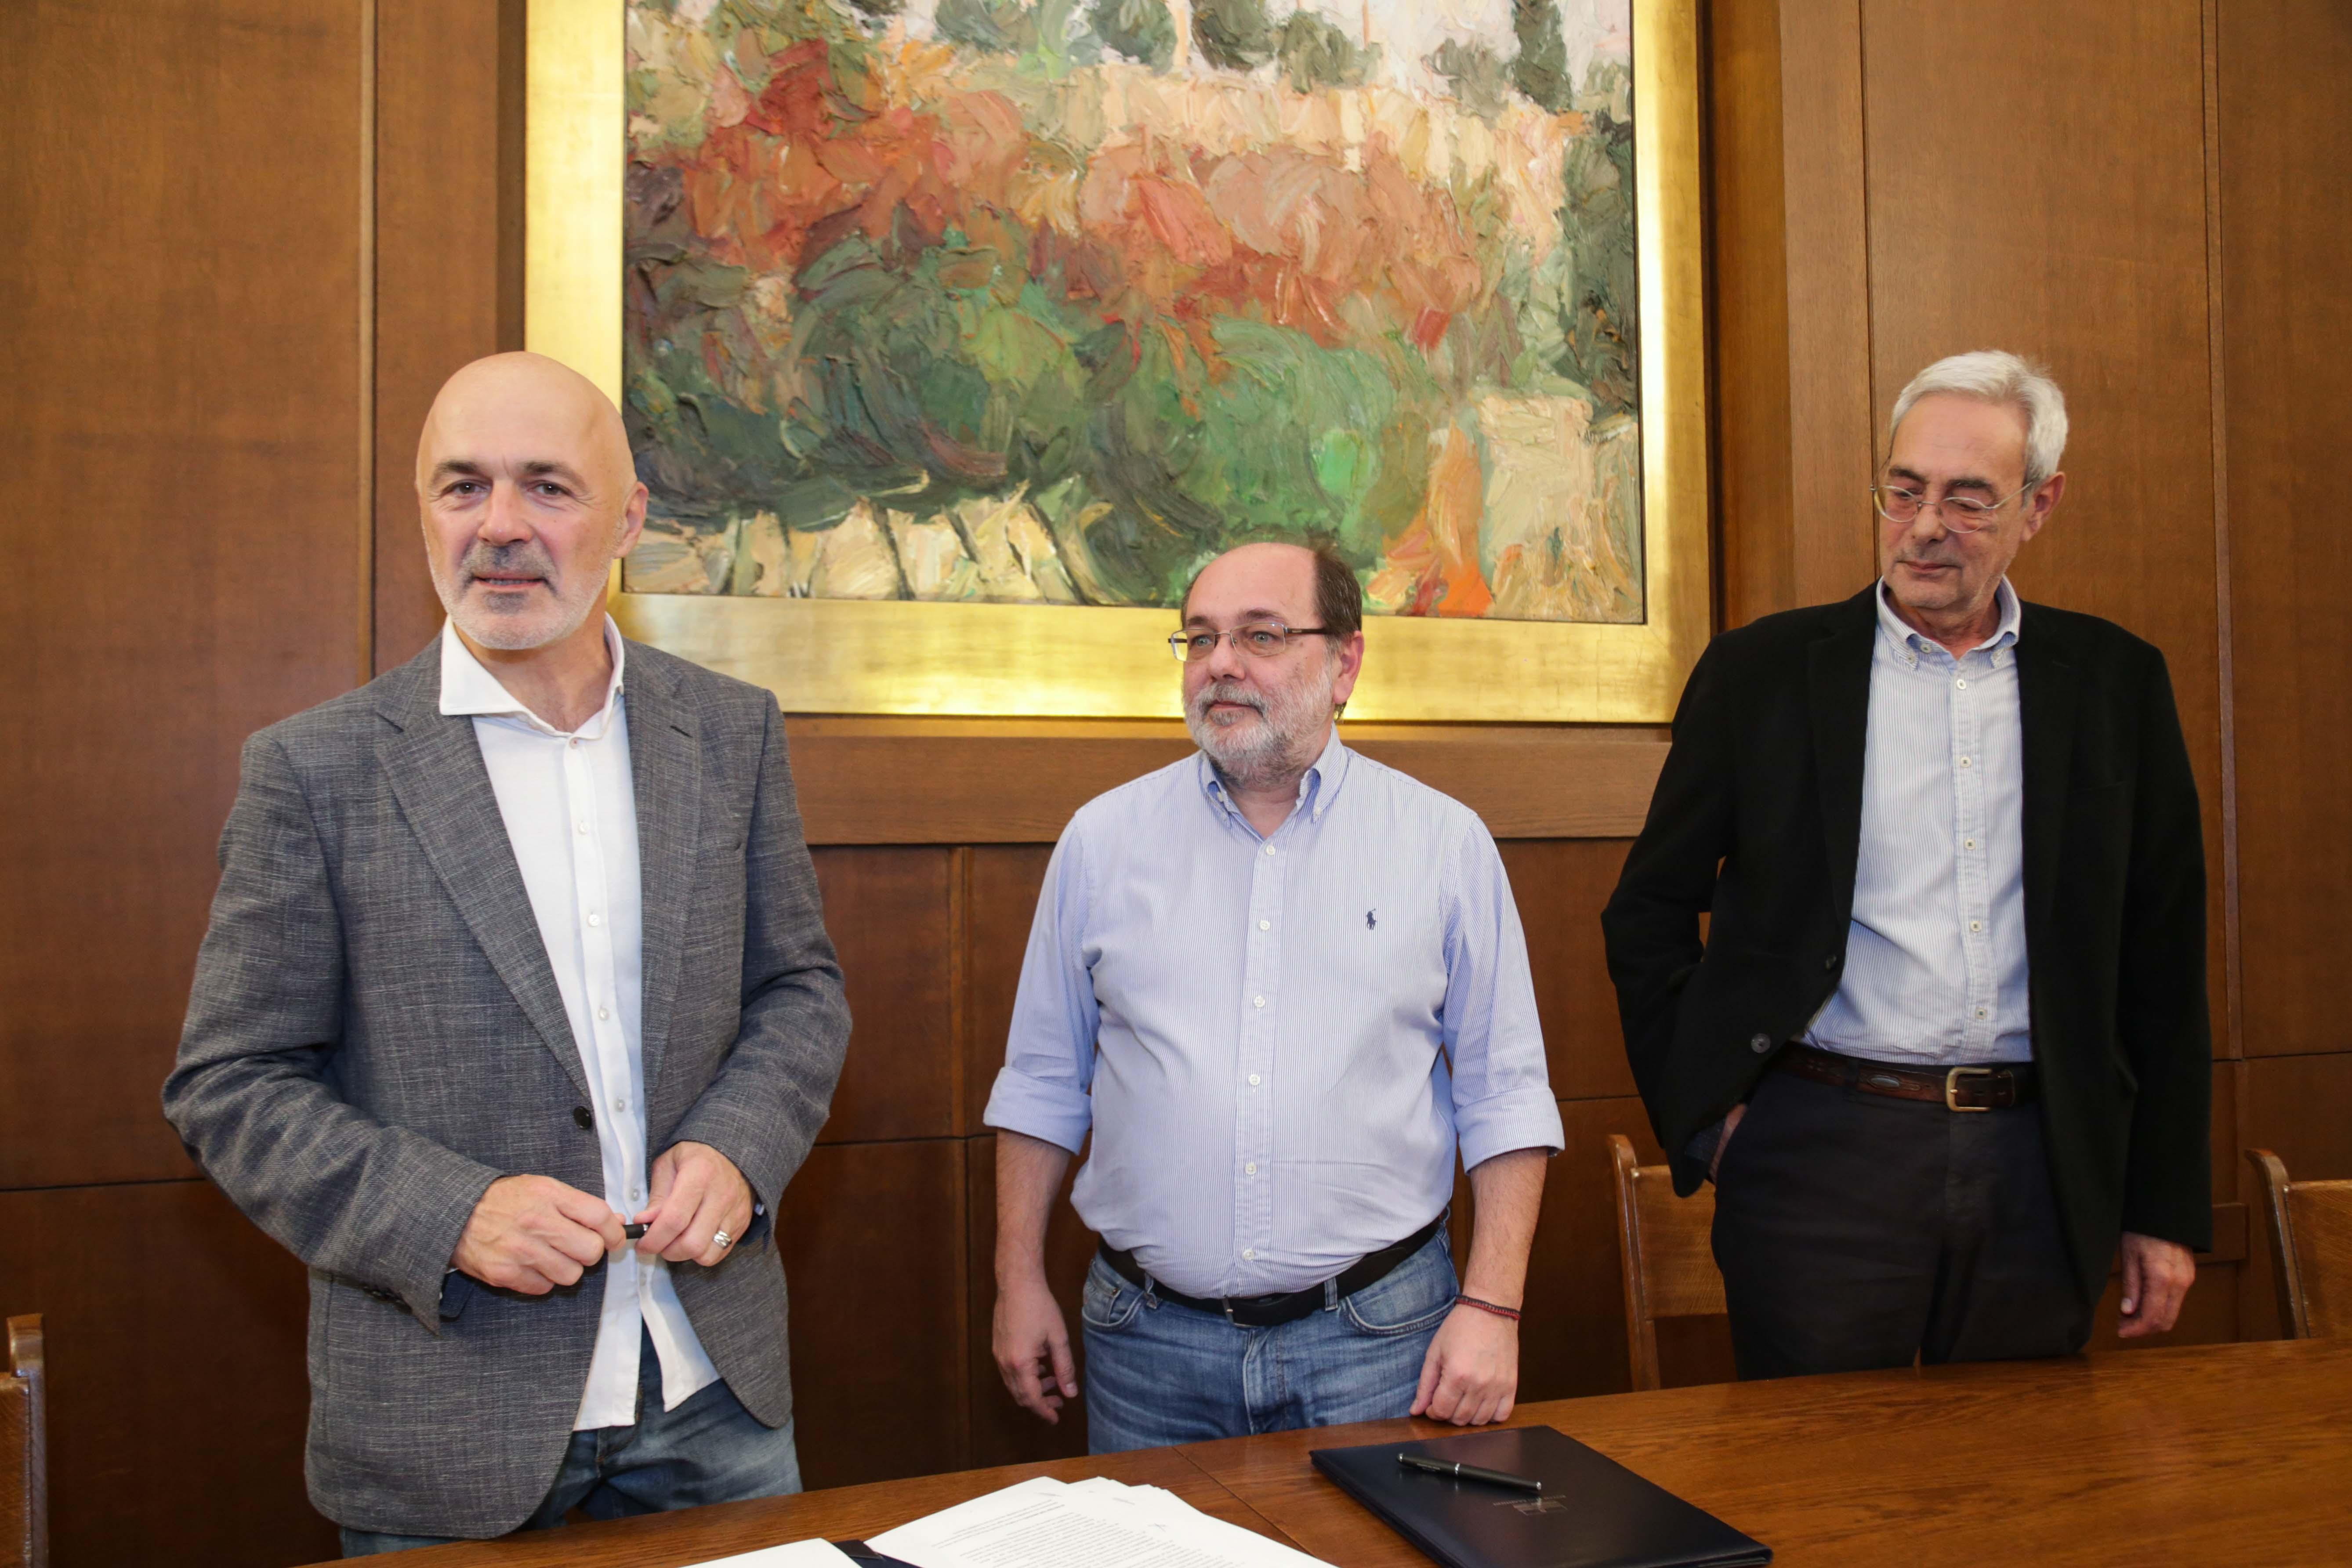 Ο Καλλιτεχνικός Διευθυντής του Εθνικού Θεάτρου κ. Στάθης Λιβαθινός, ο Γενικός γραμματέας της Βουλής κ. Κώστας Αθανασίου και ο Συντονιστής  του Καναλιού της Βουλής κ. Κωνσταντίνος Χαλβατζάκης